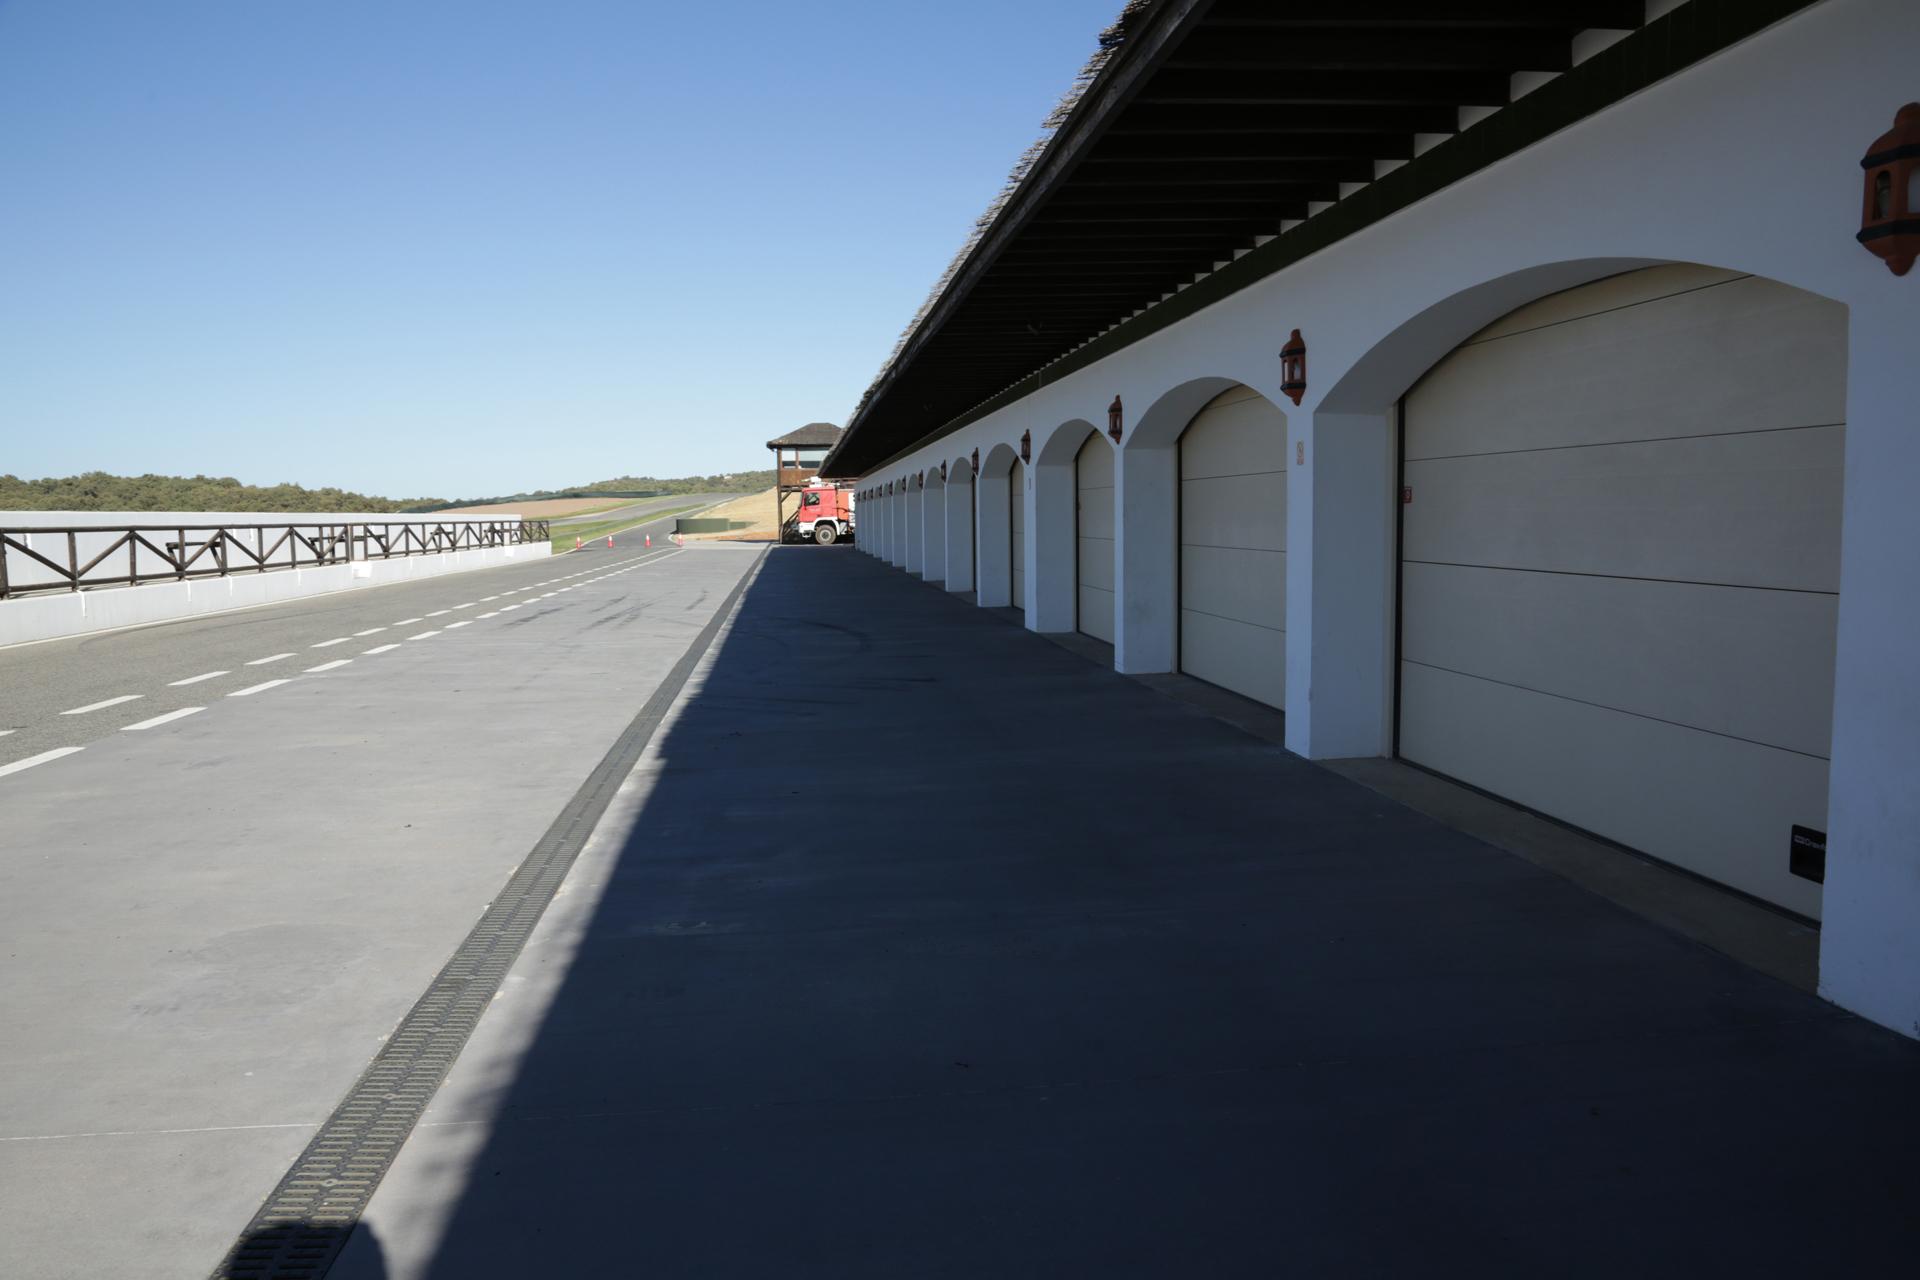 Foto de Comparativa Ronda y Ascari en Gran Turismo 6 (10/26)